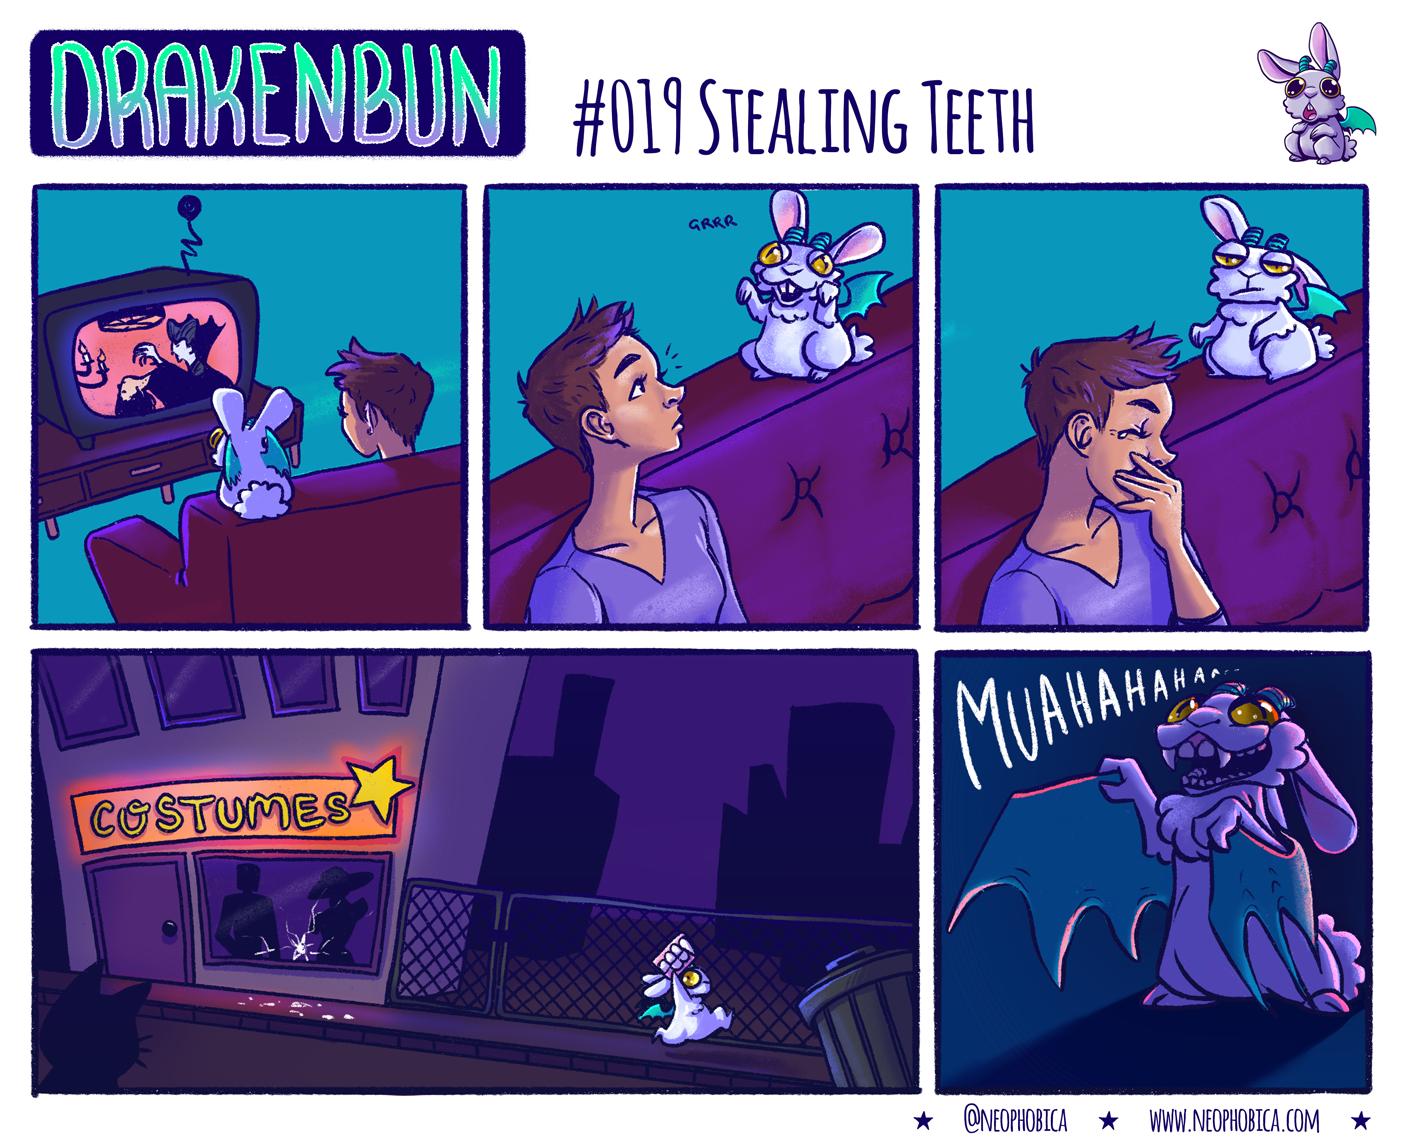 #019 Stealing Teeth